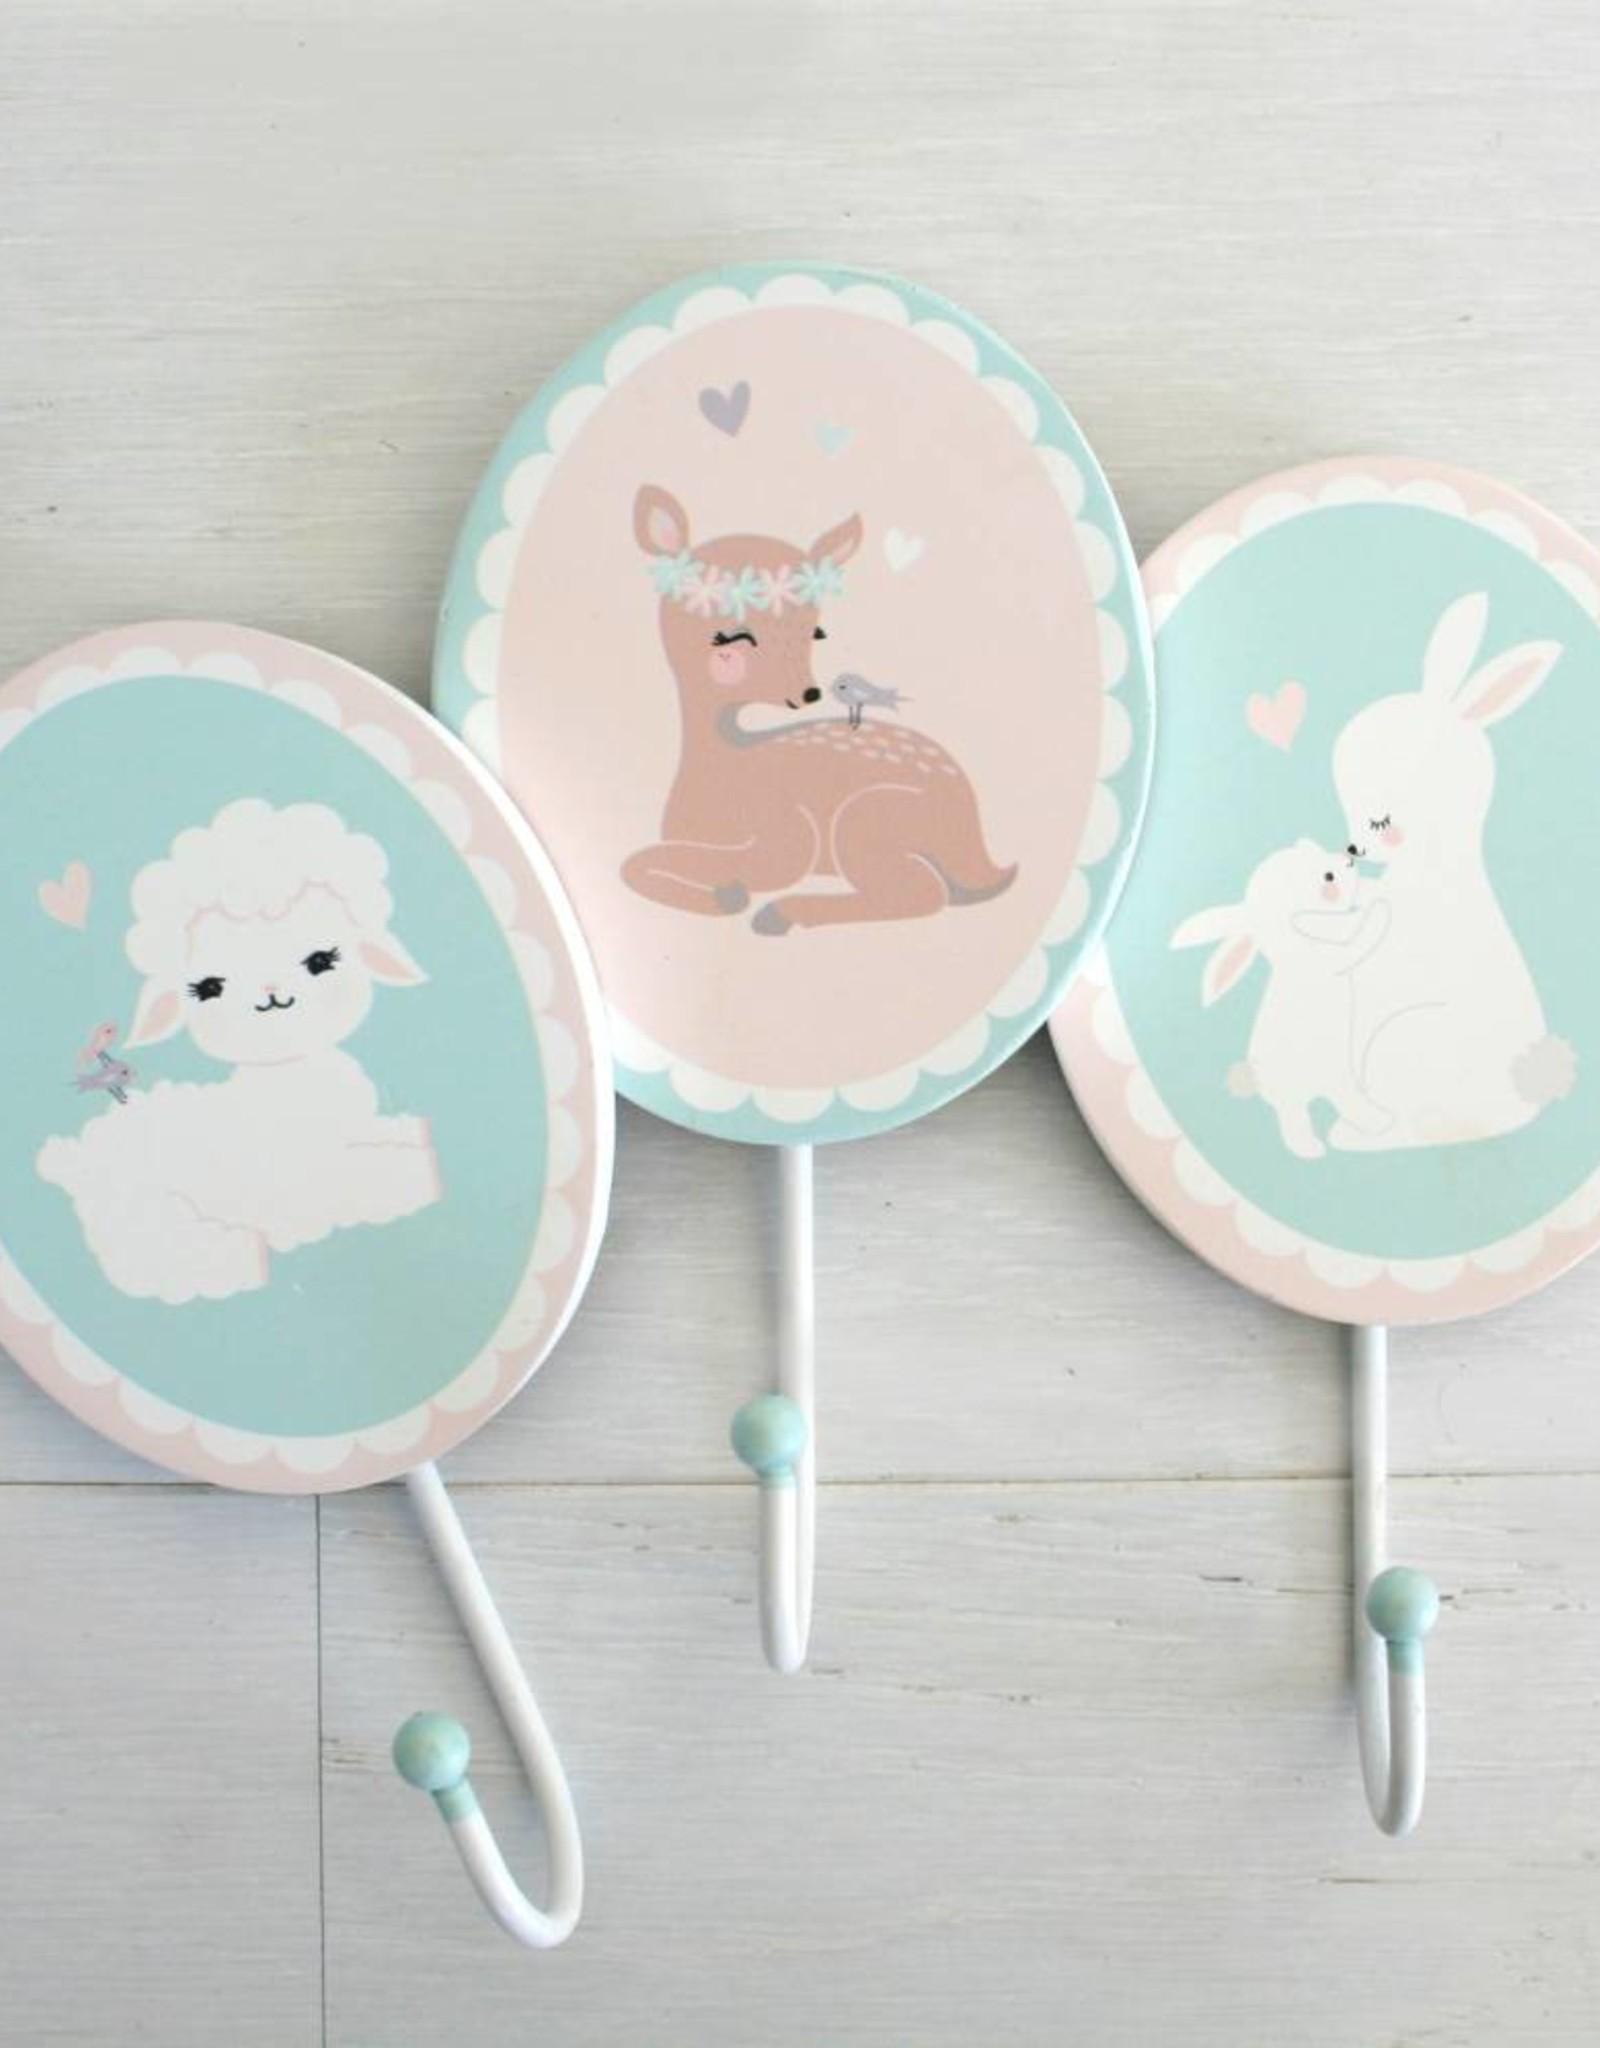 Wandhaken für's Kinderzimmer Kleines Rehmädchen